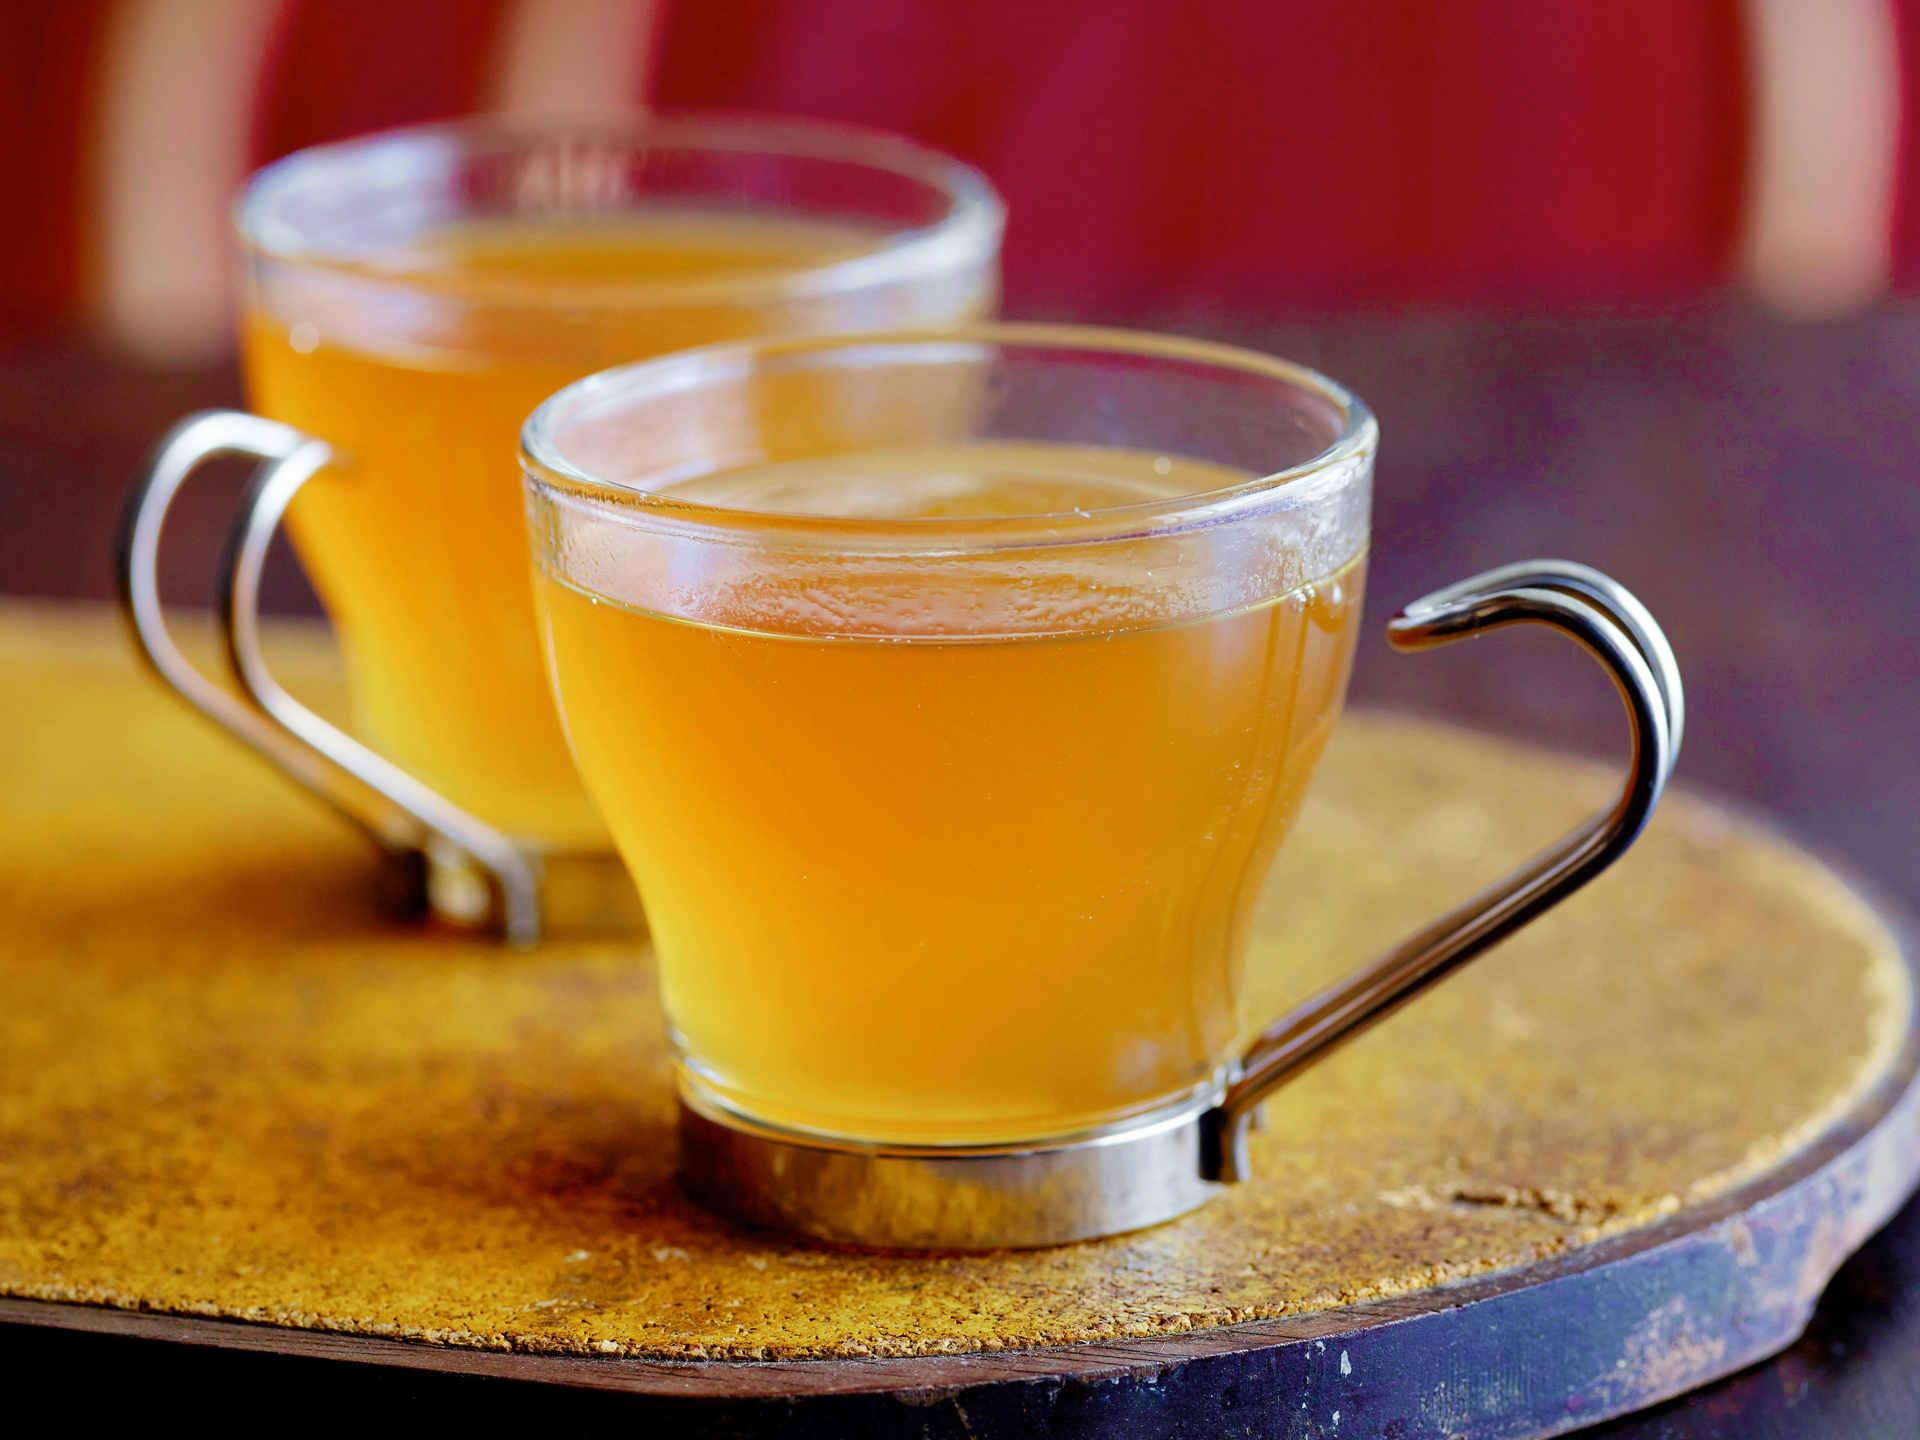 Hot Lemon Toddy for sore throat